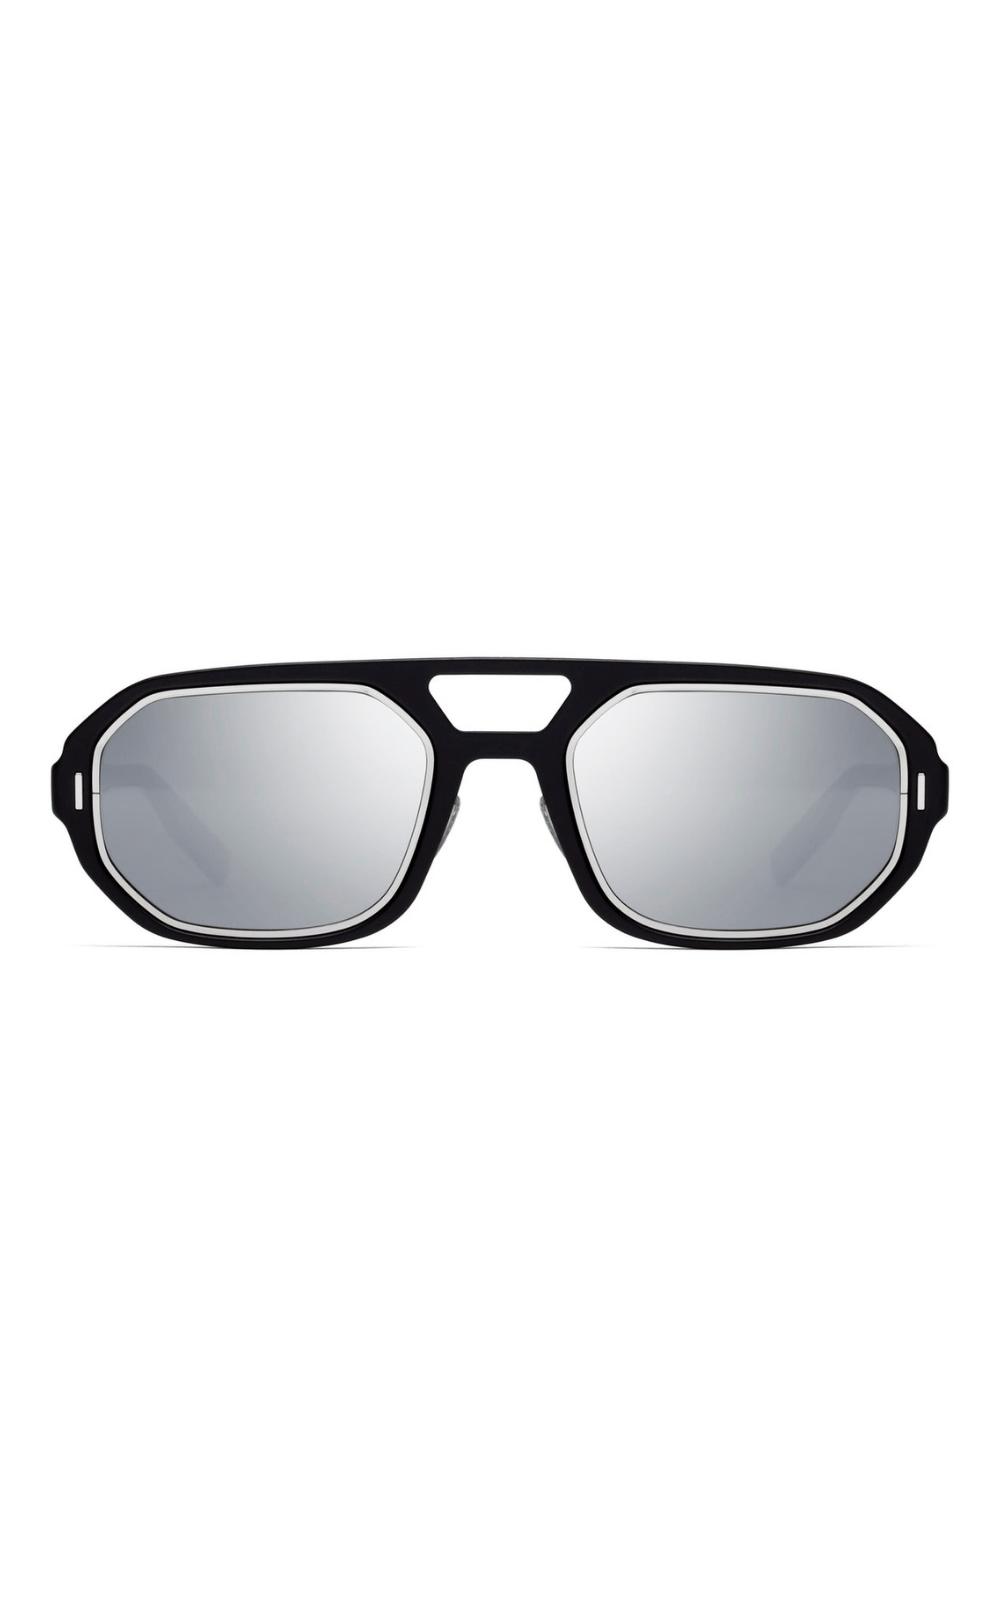 Foto 2 - Óculos de Sol Dior Homme AL13 14 P5IDC